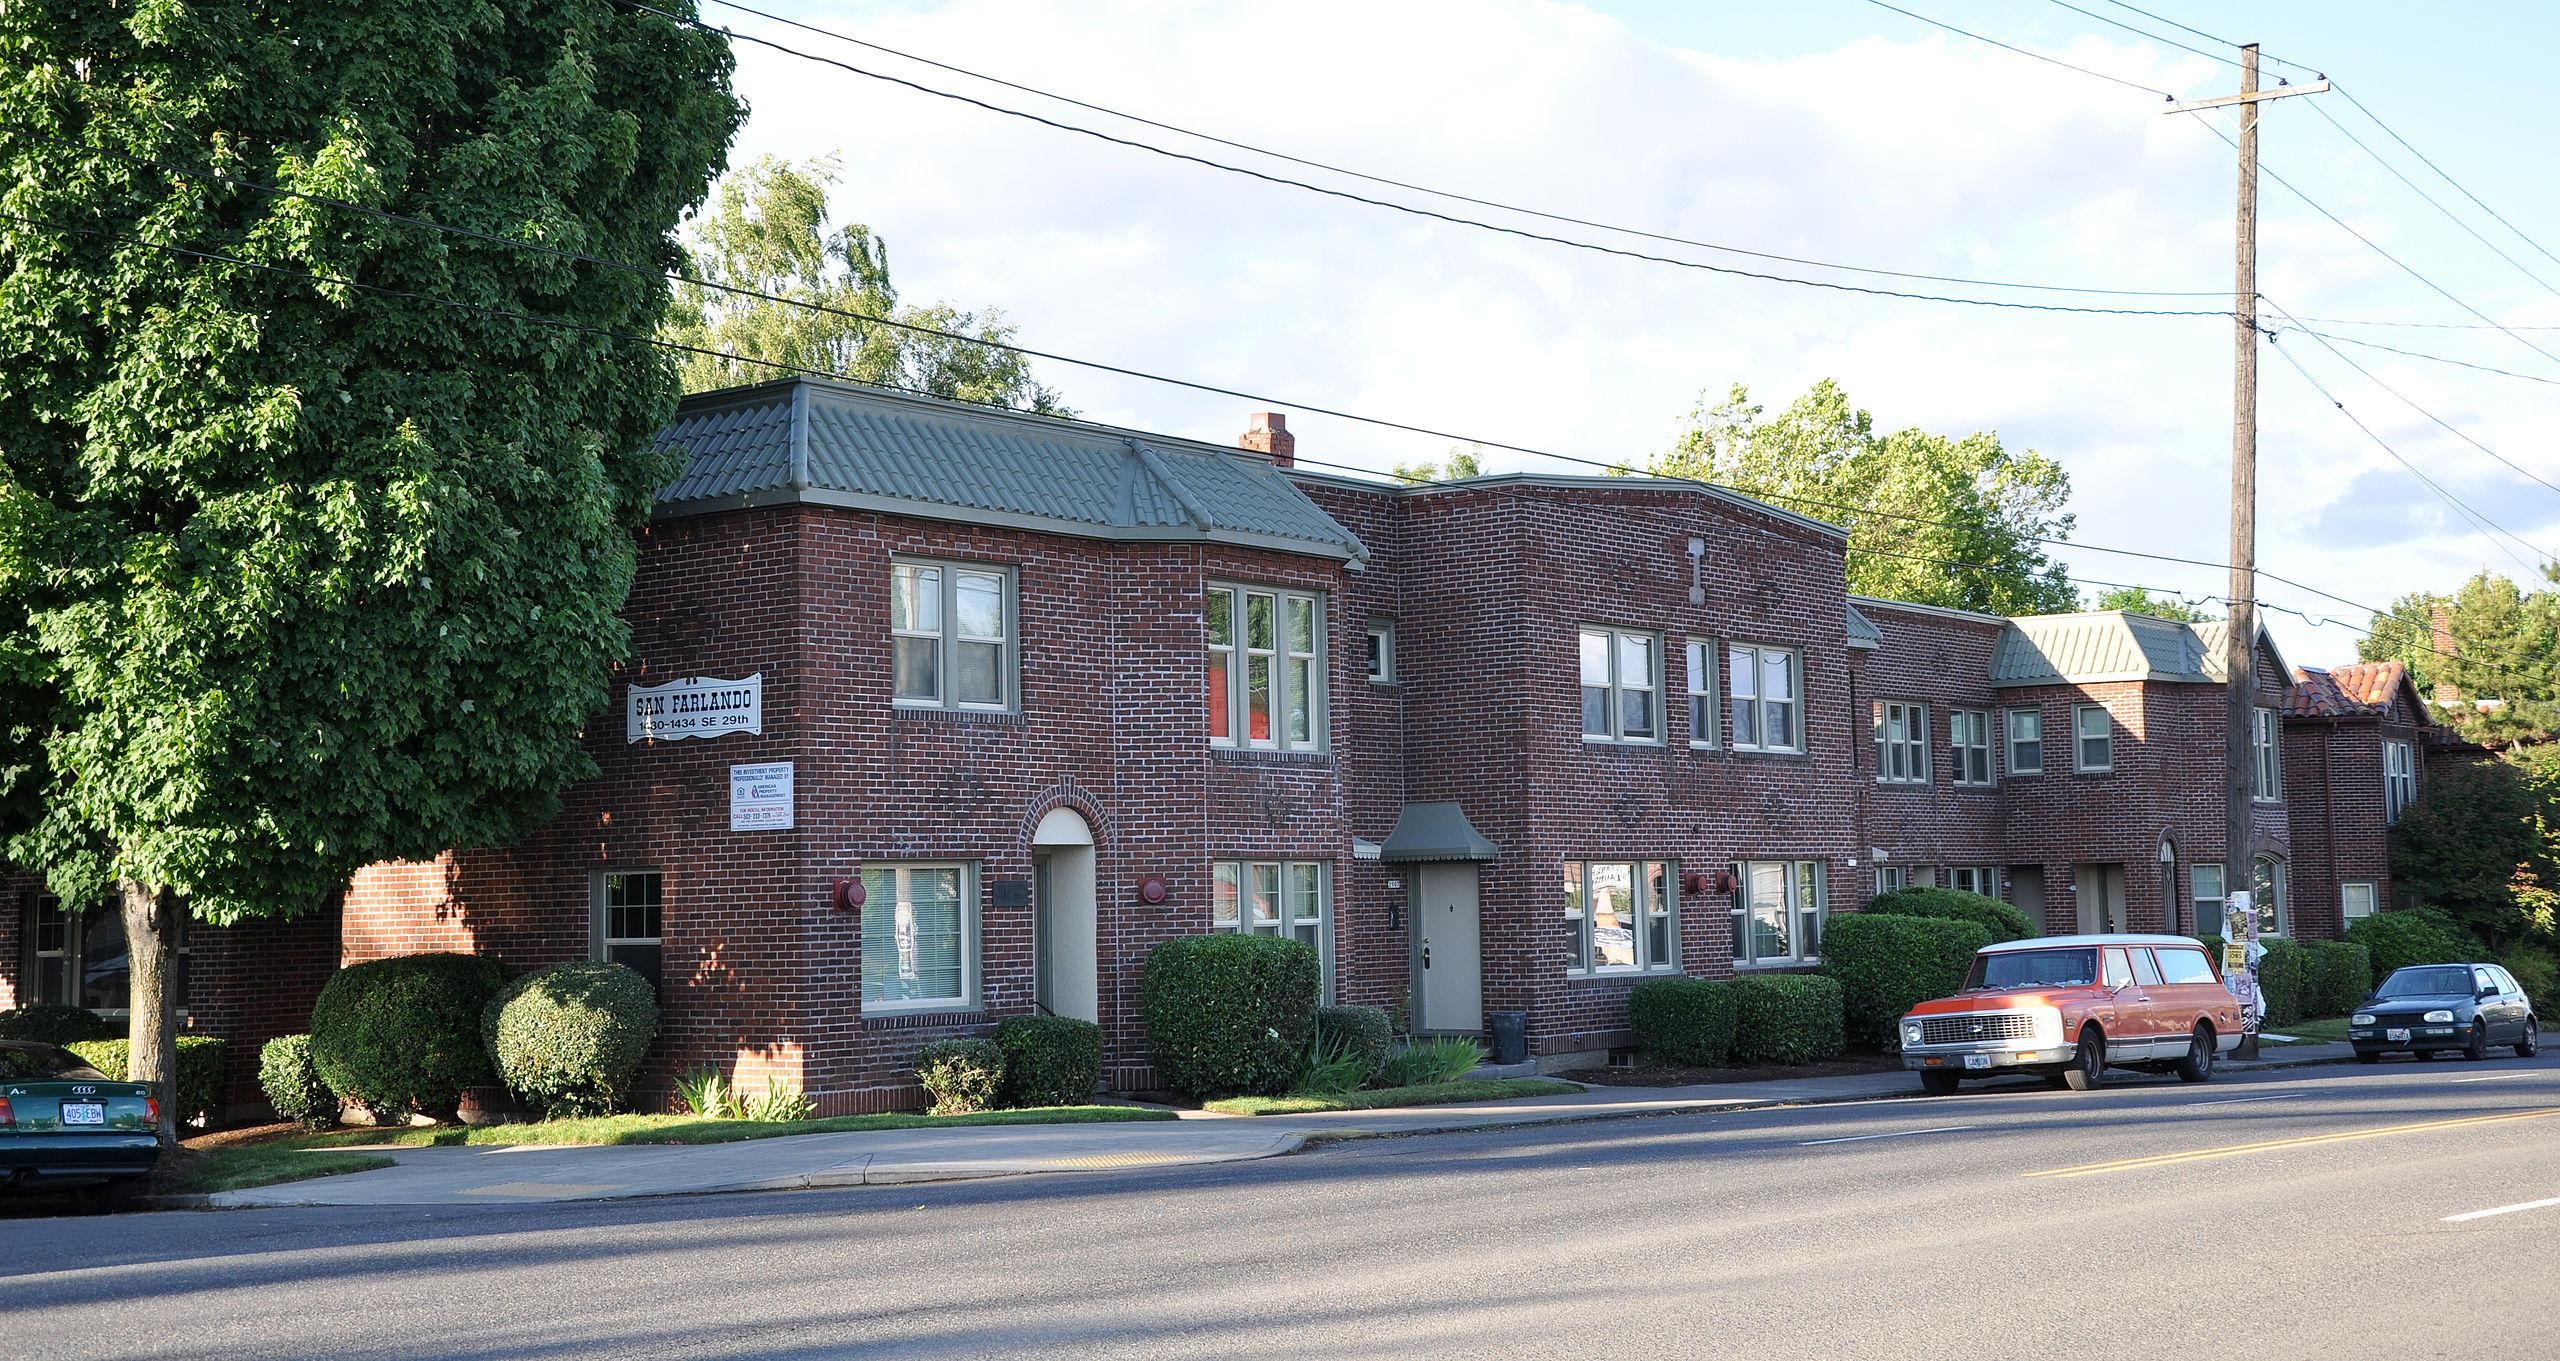 San Farlando Apartments